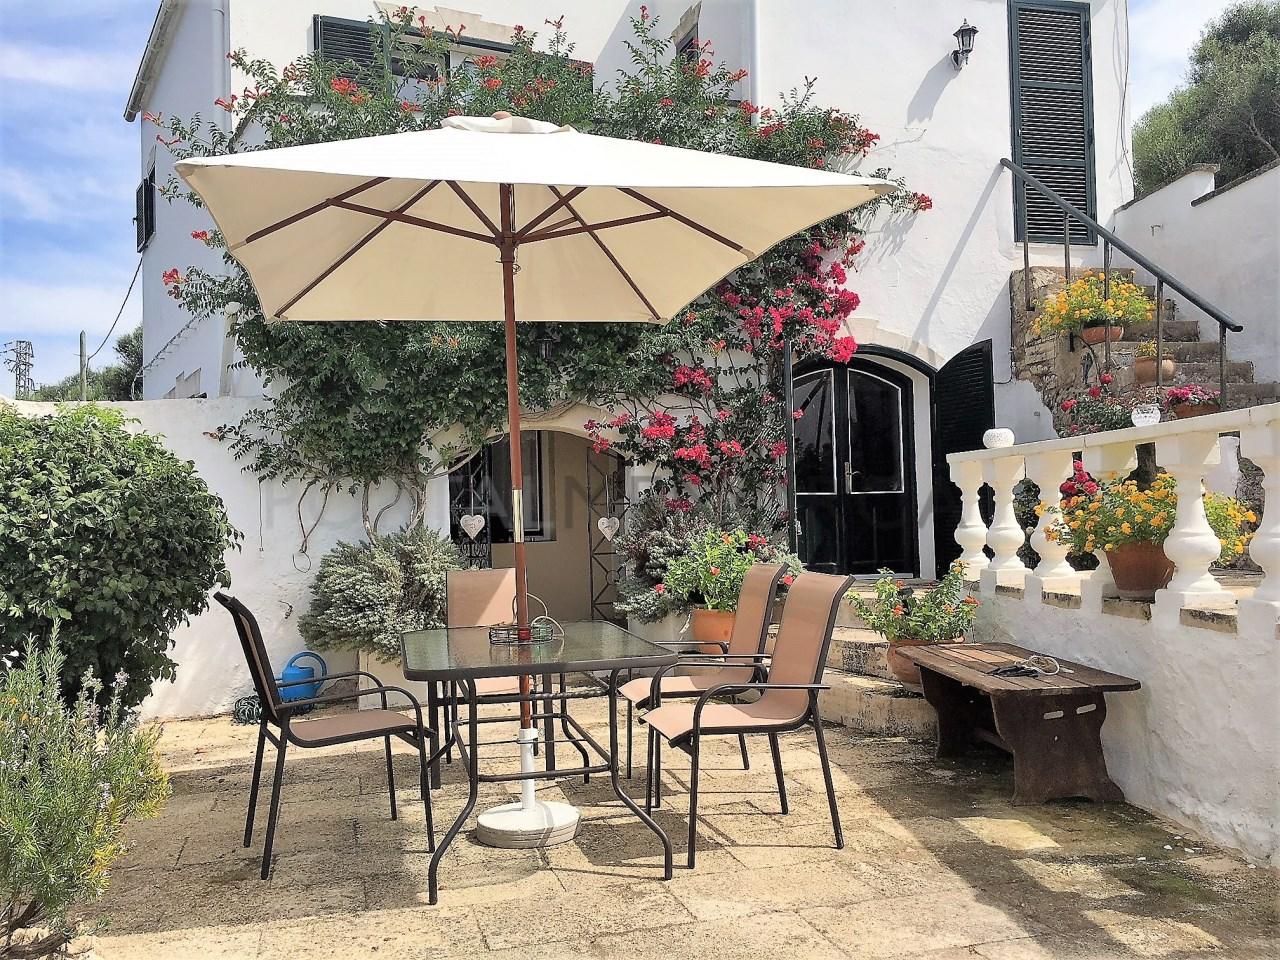 Las Ramblas courtyard 2018 (2)